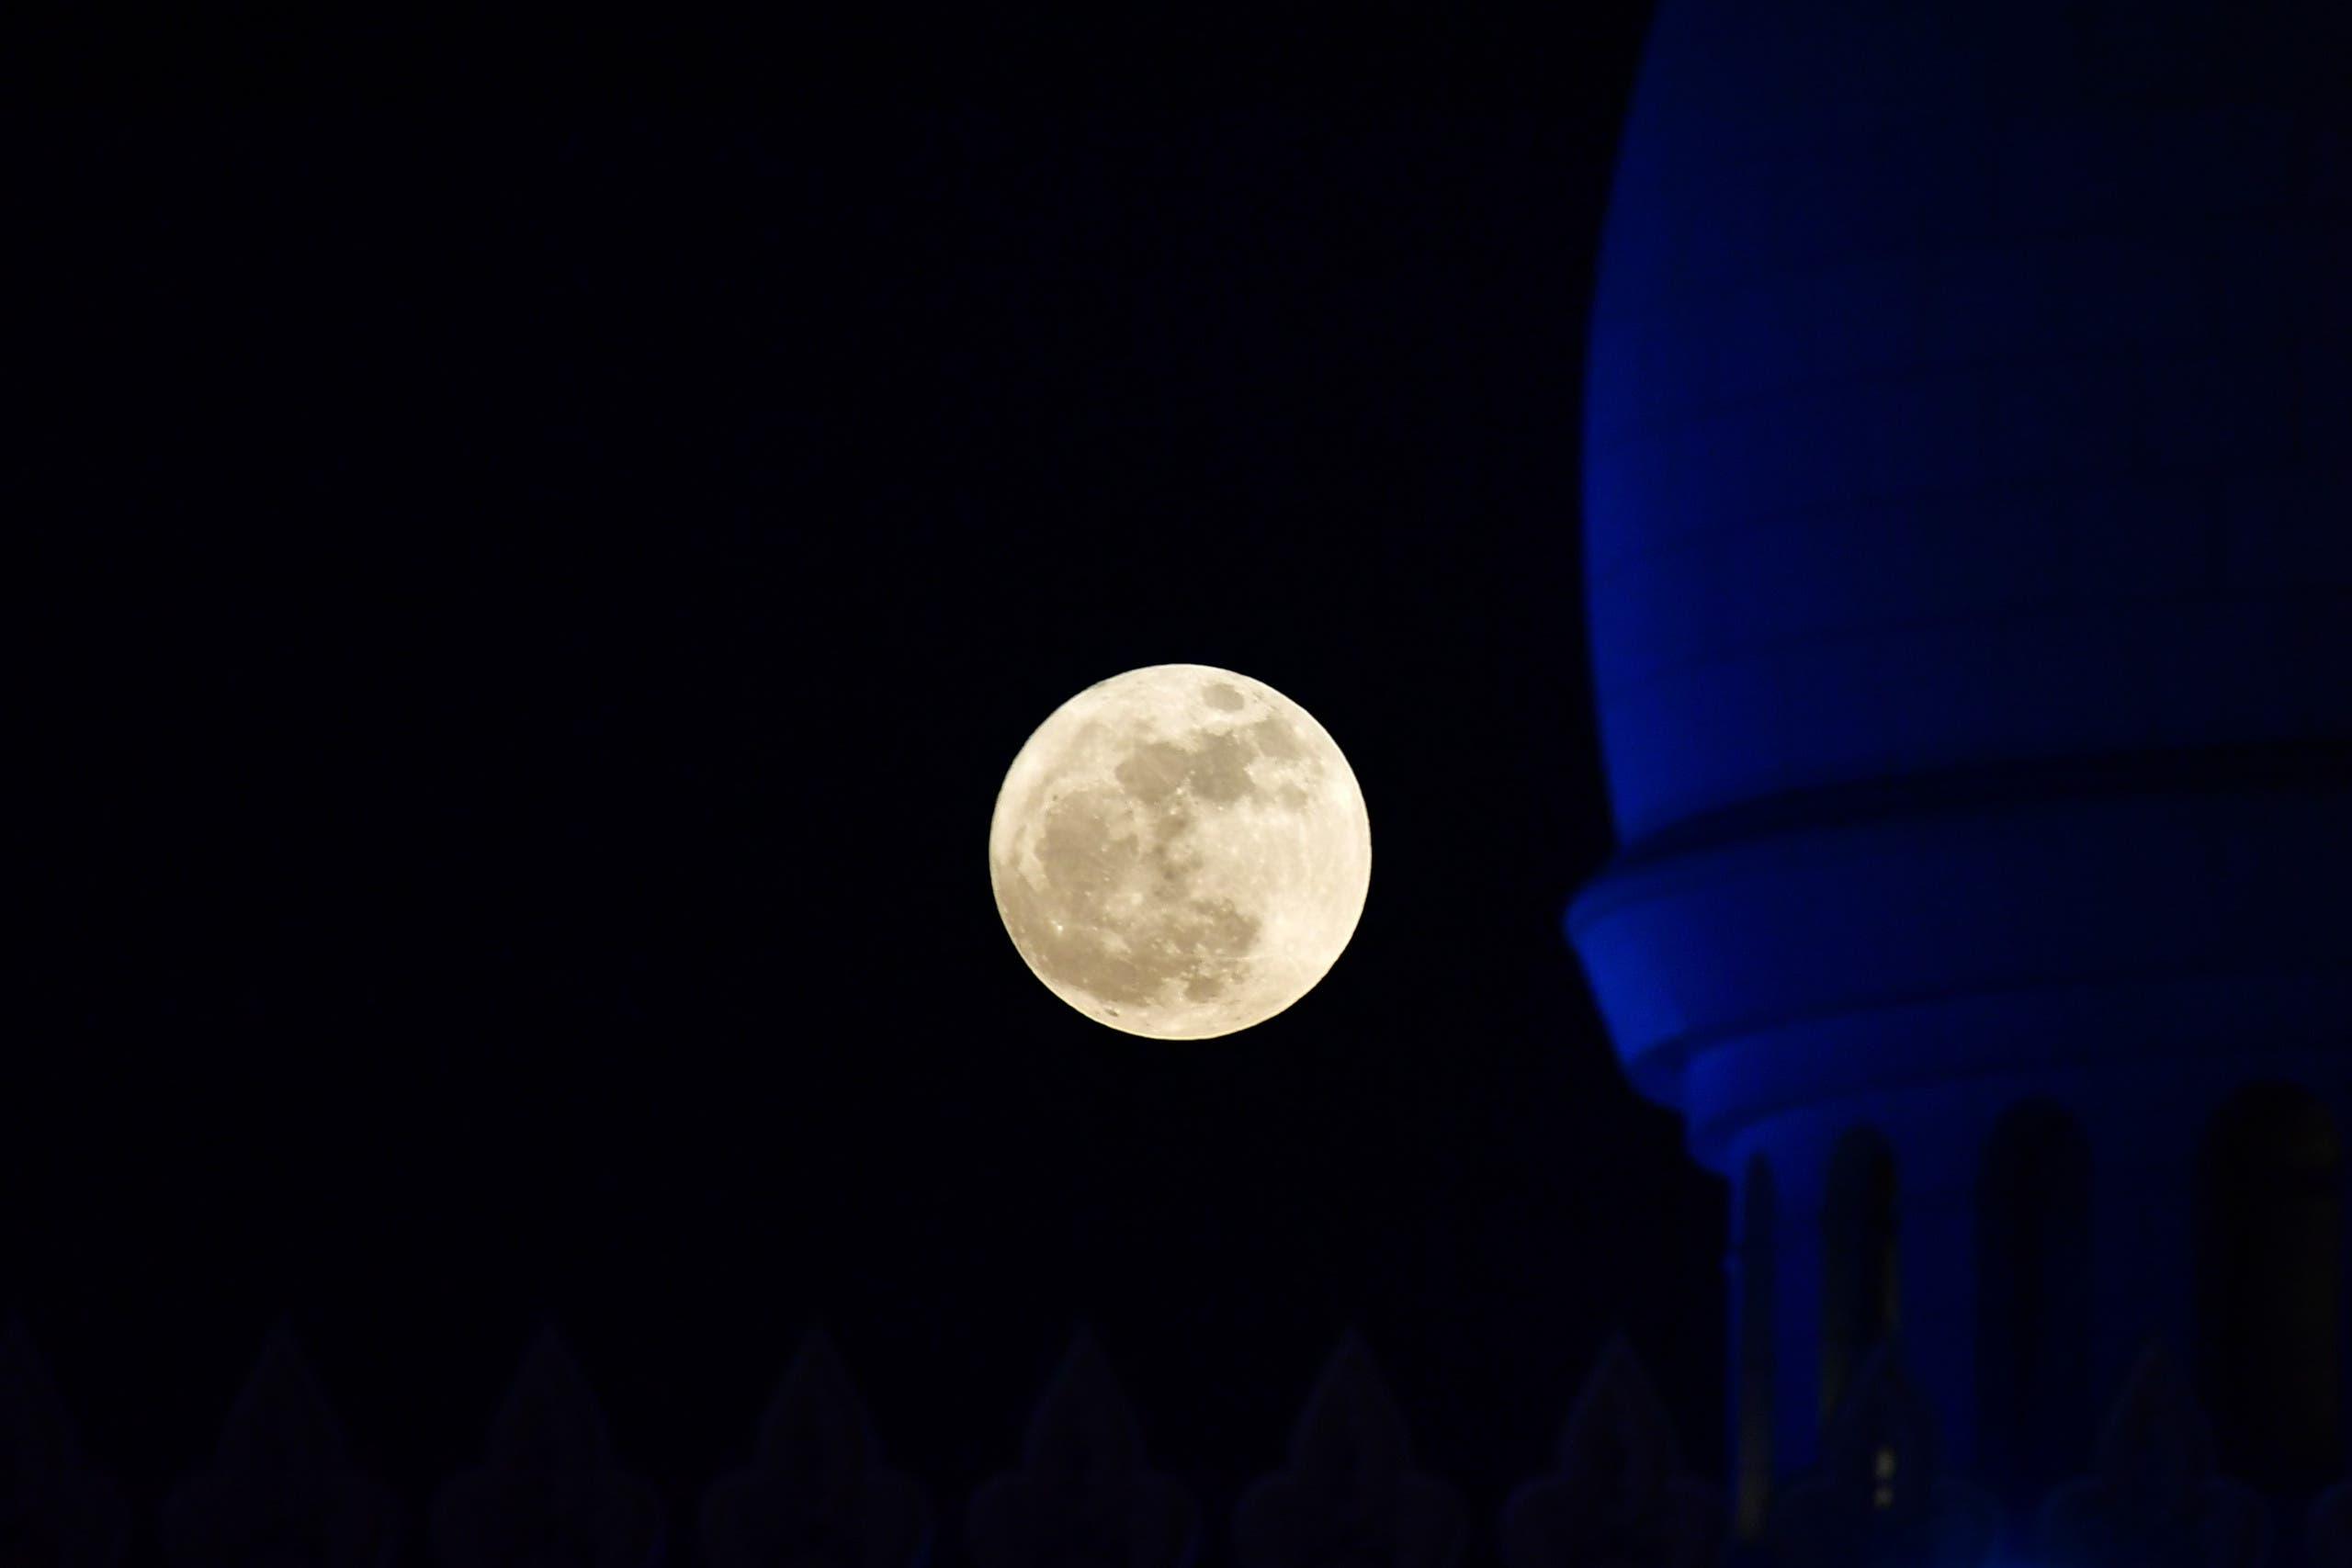 القمر العملاق في سماء أبو ظبي فوق مسجد الشيخ زايد